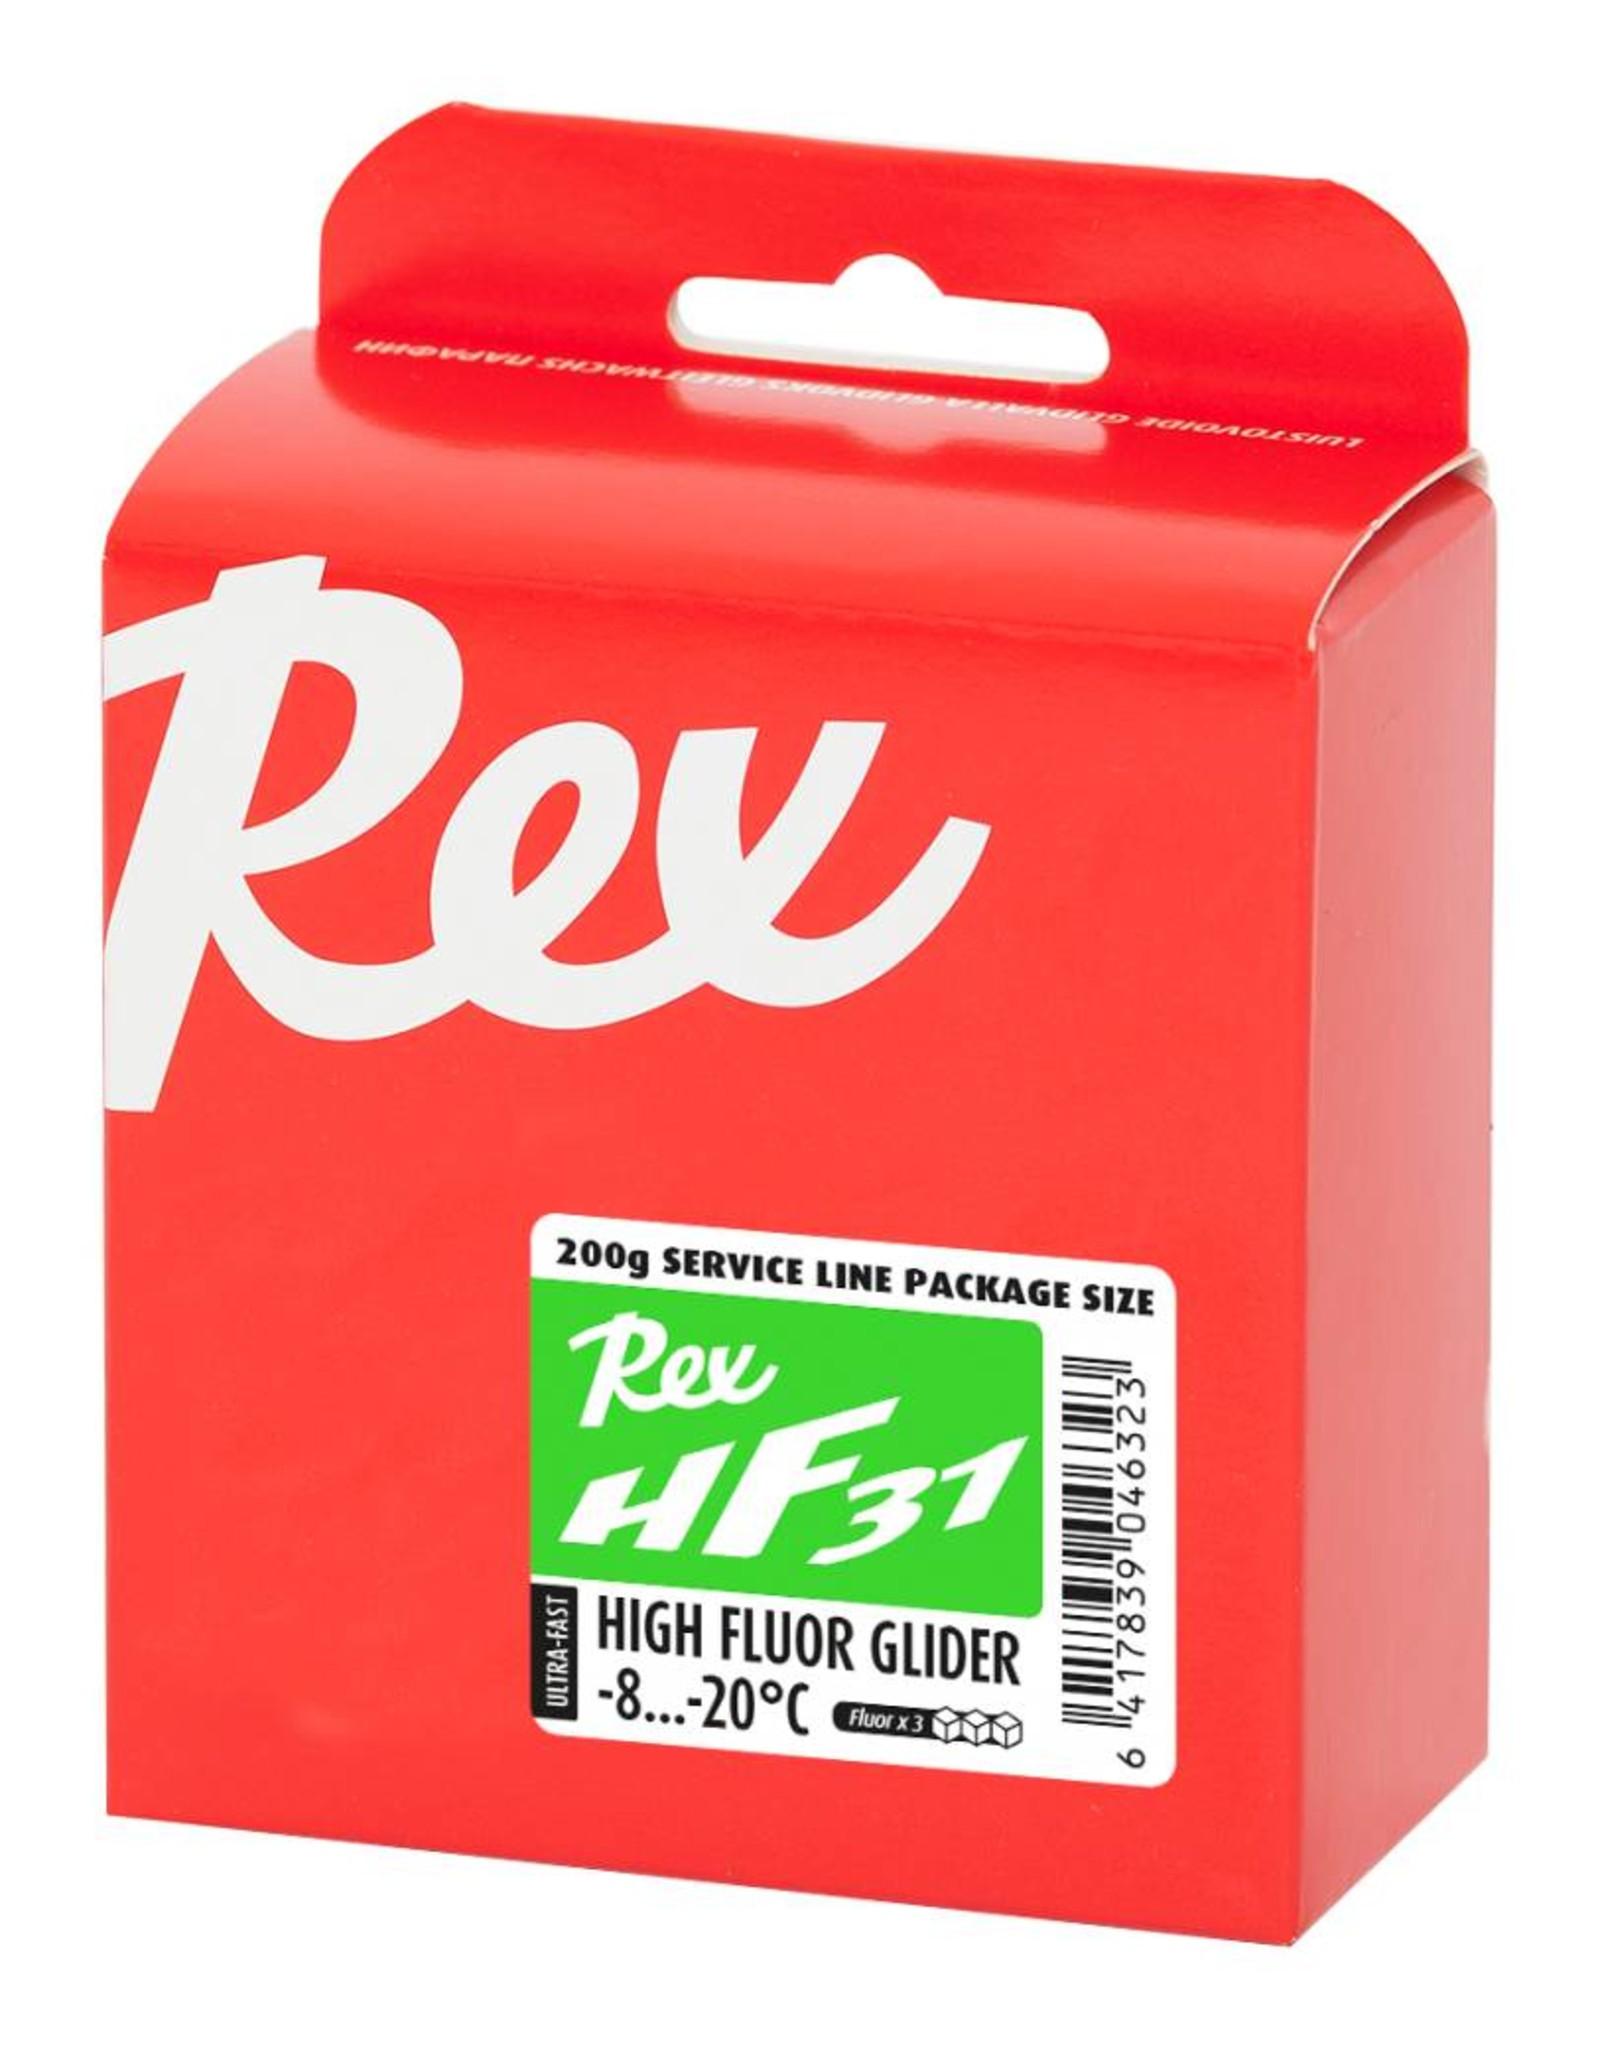 Rex HF31 Green 200g